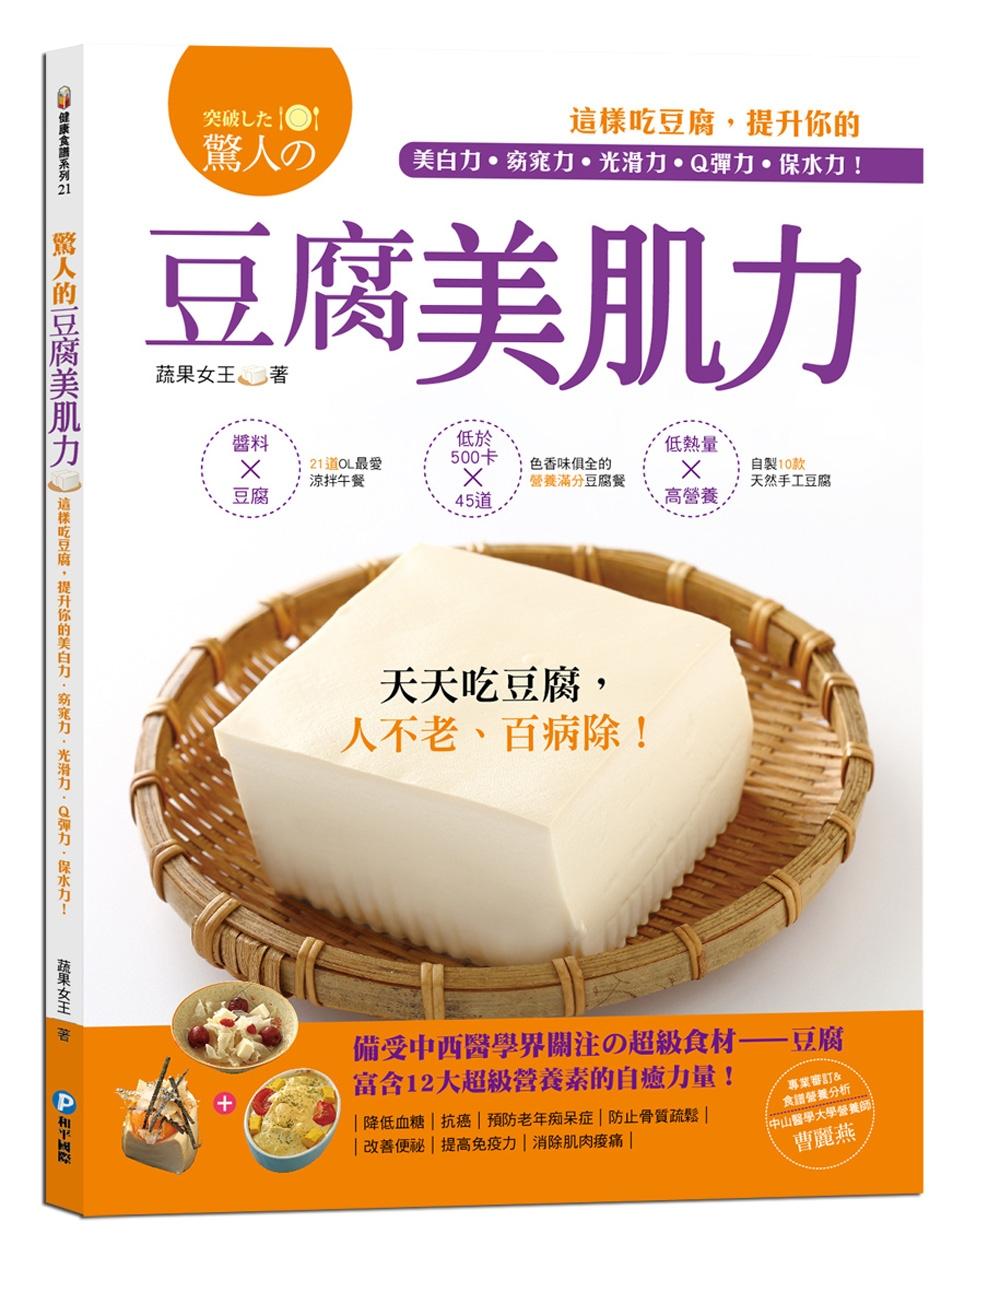 驚人的豆腐美肌力:這樣吃豆腐,提升你的美白力‧窈窕力‧光滑力‧Q彈力‧保水力!